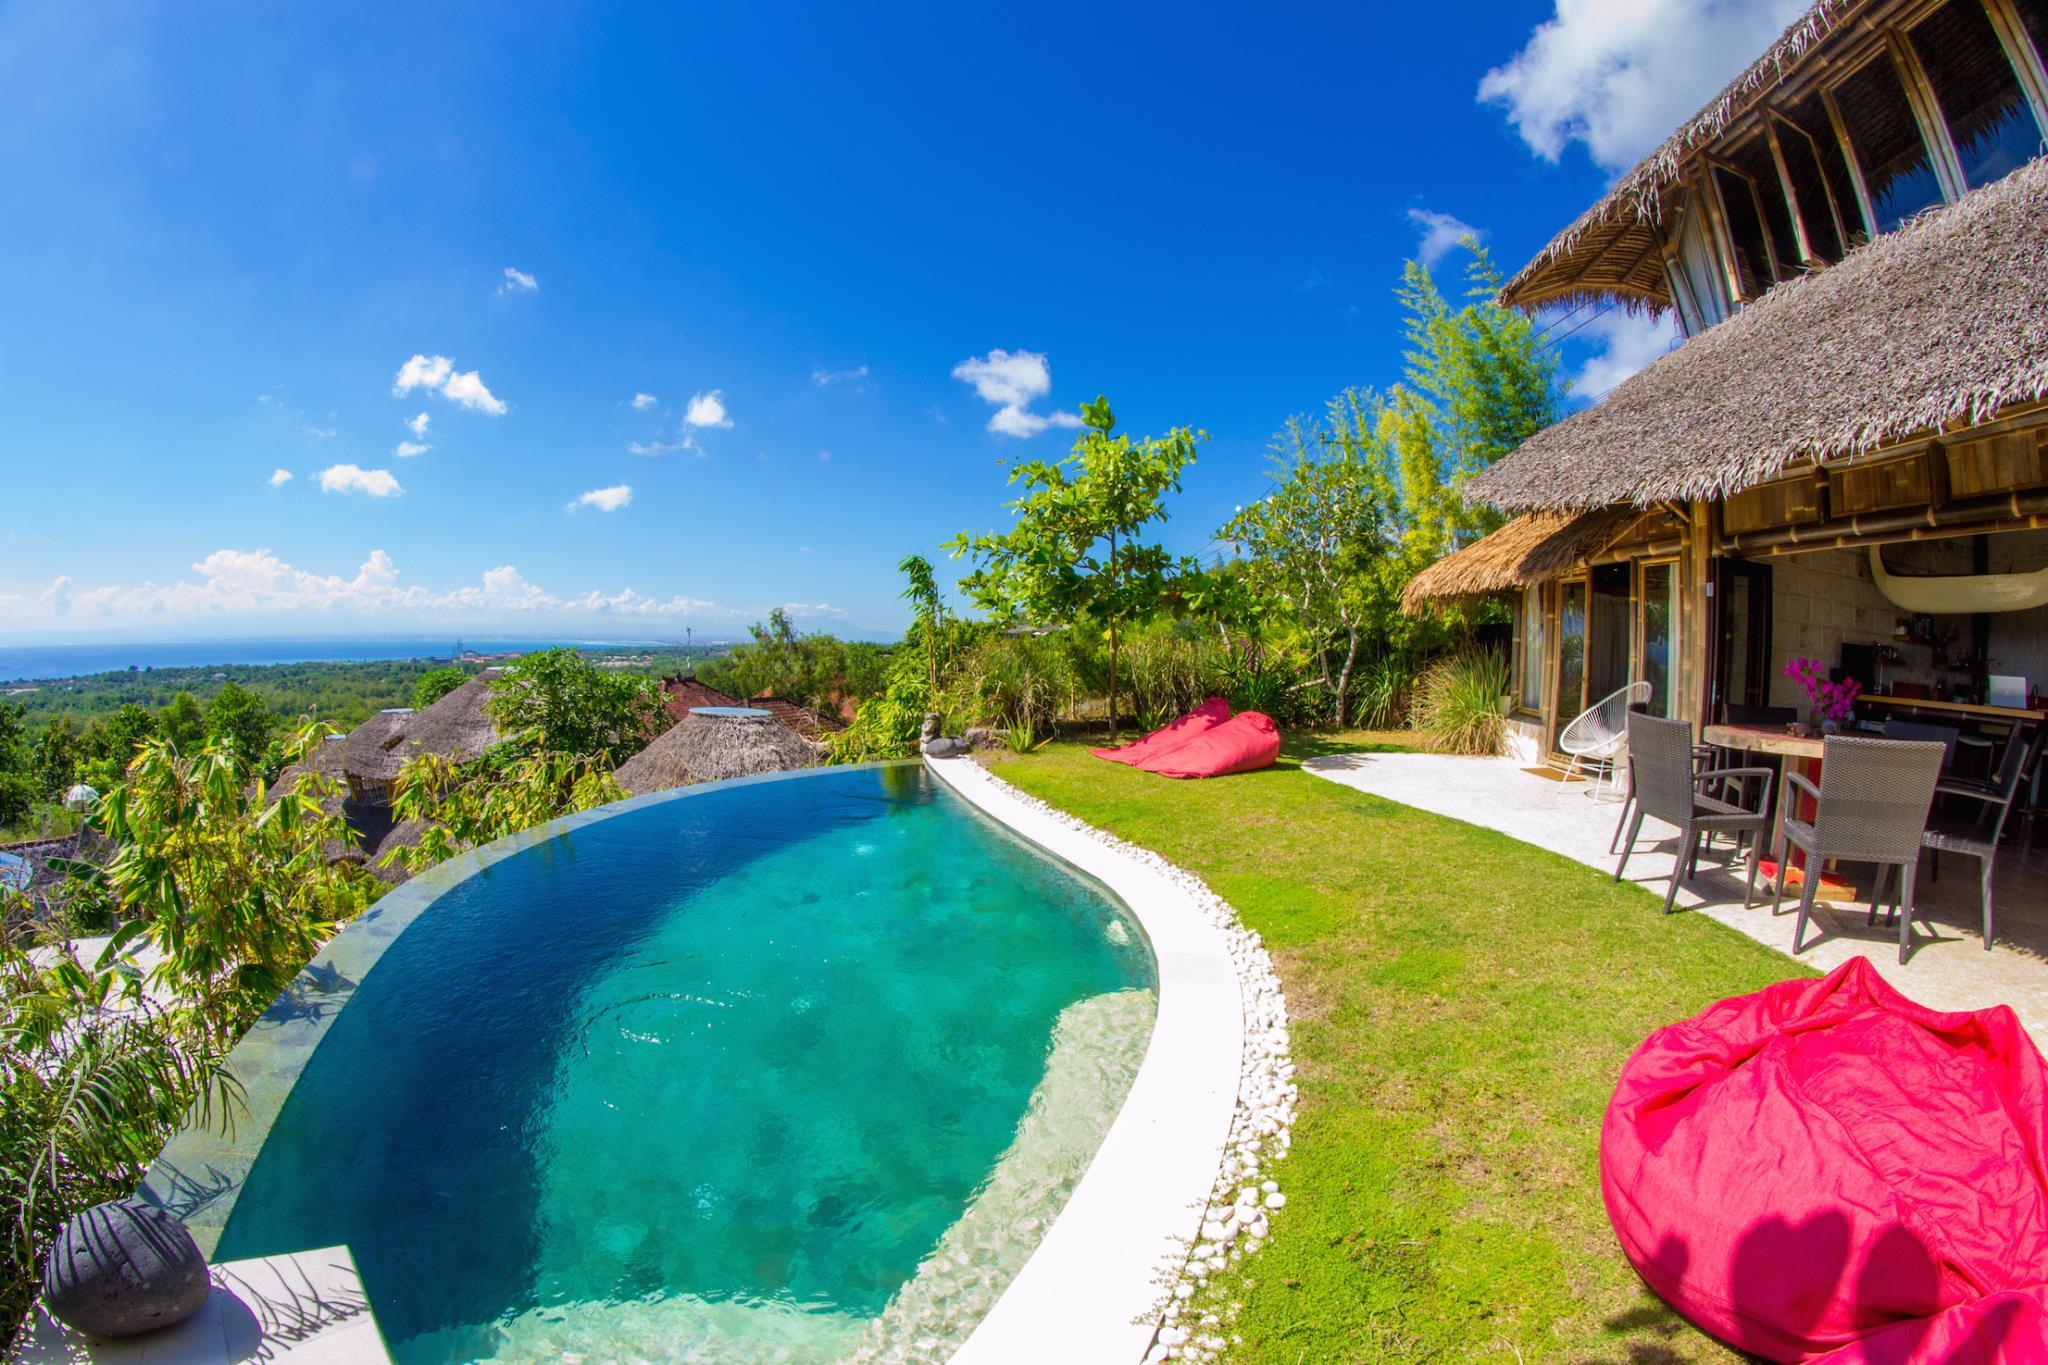 Le Bamboo Bali ホテル詳細